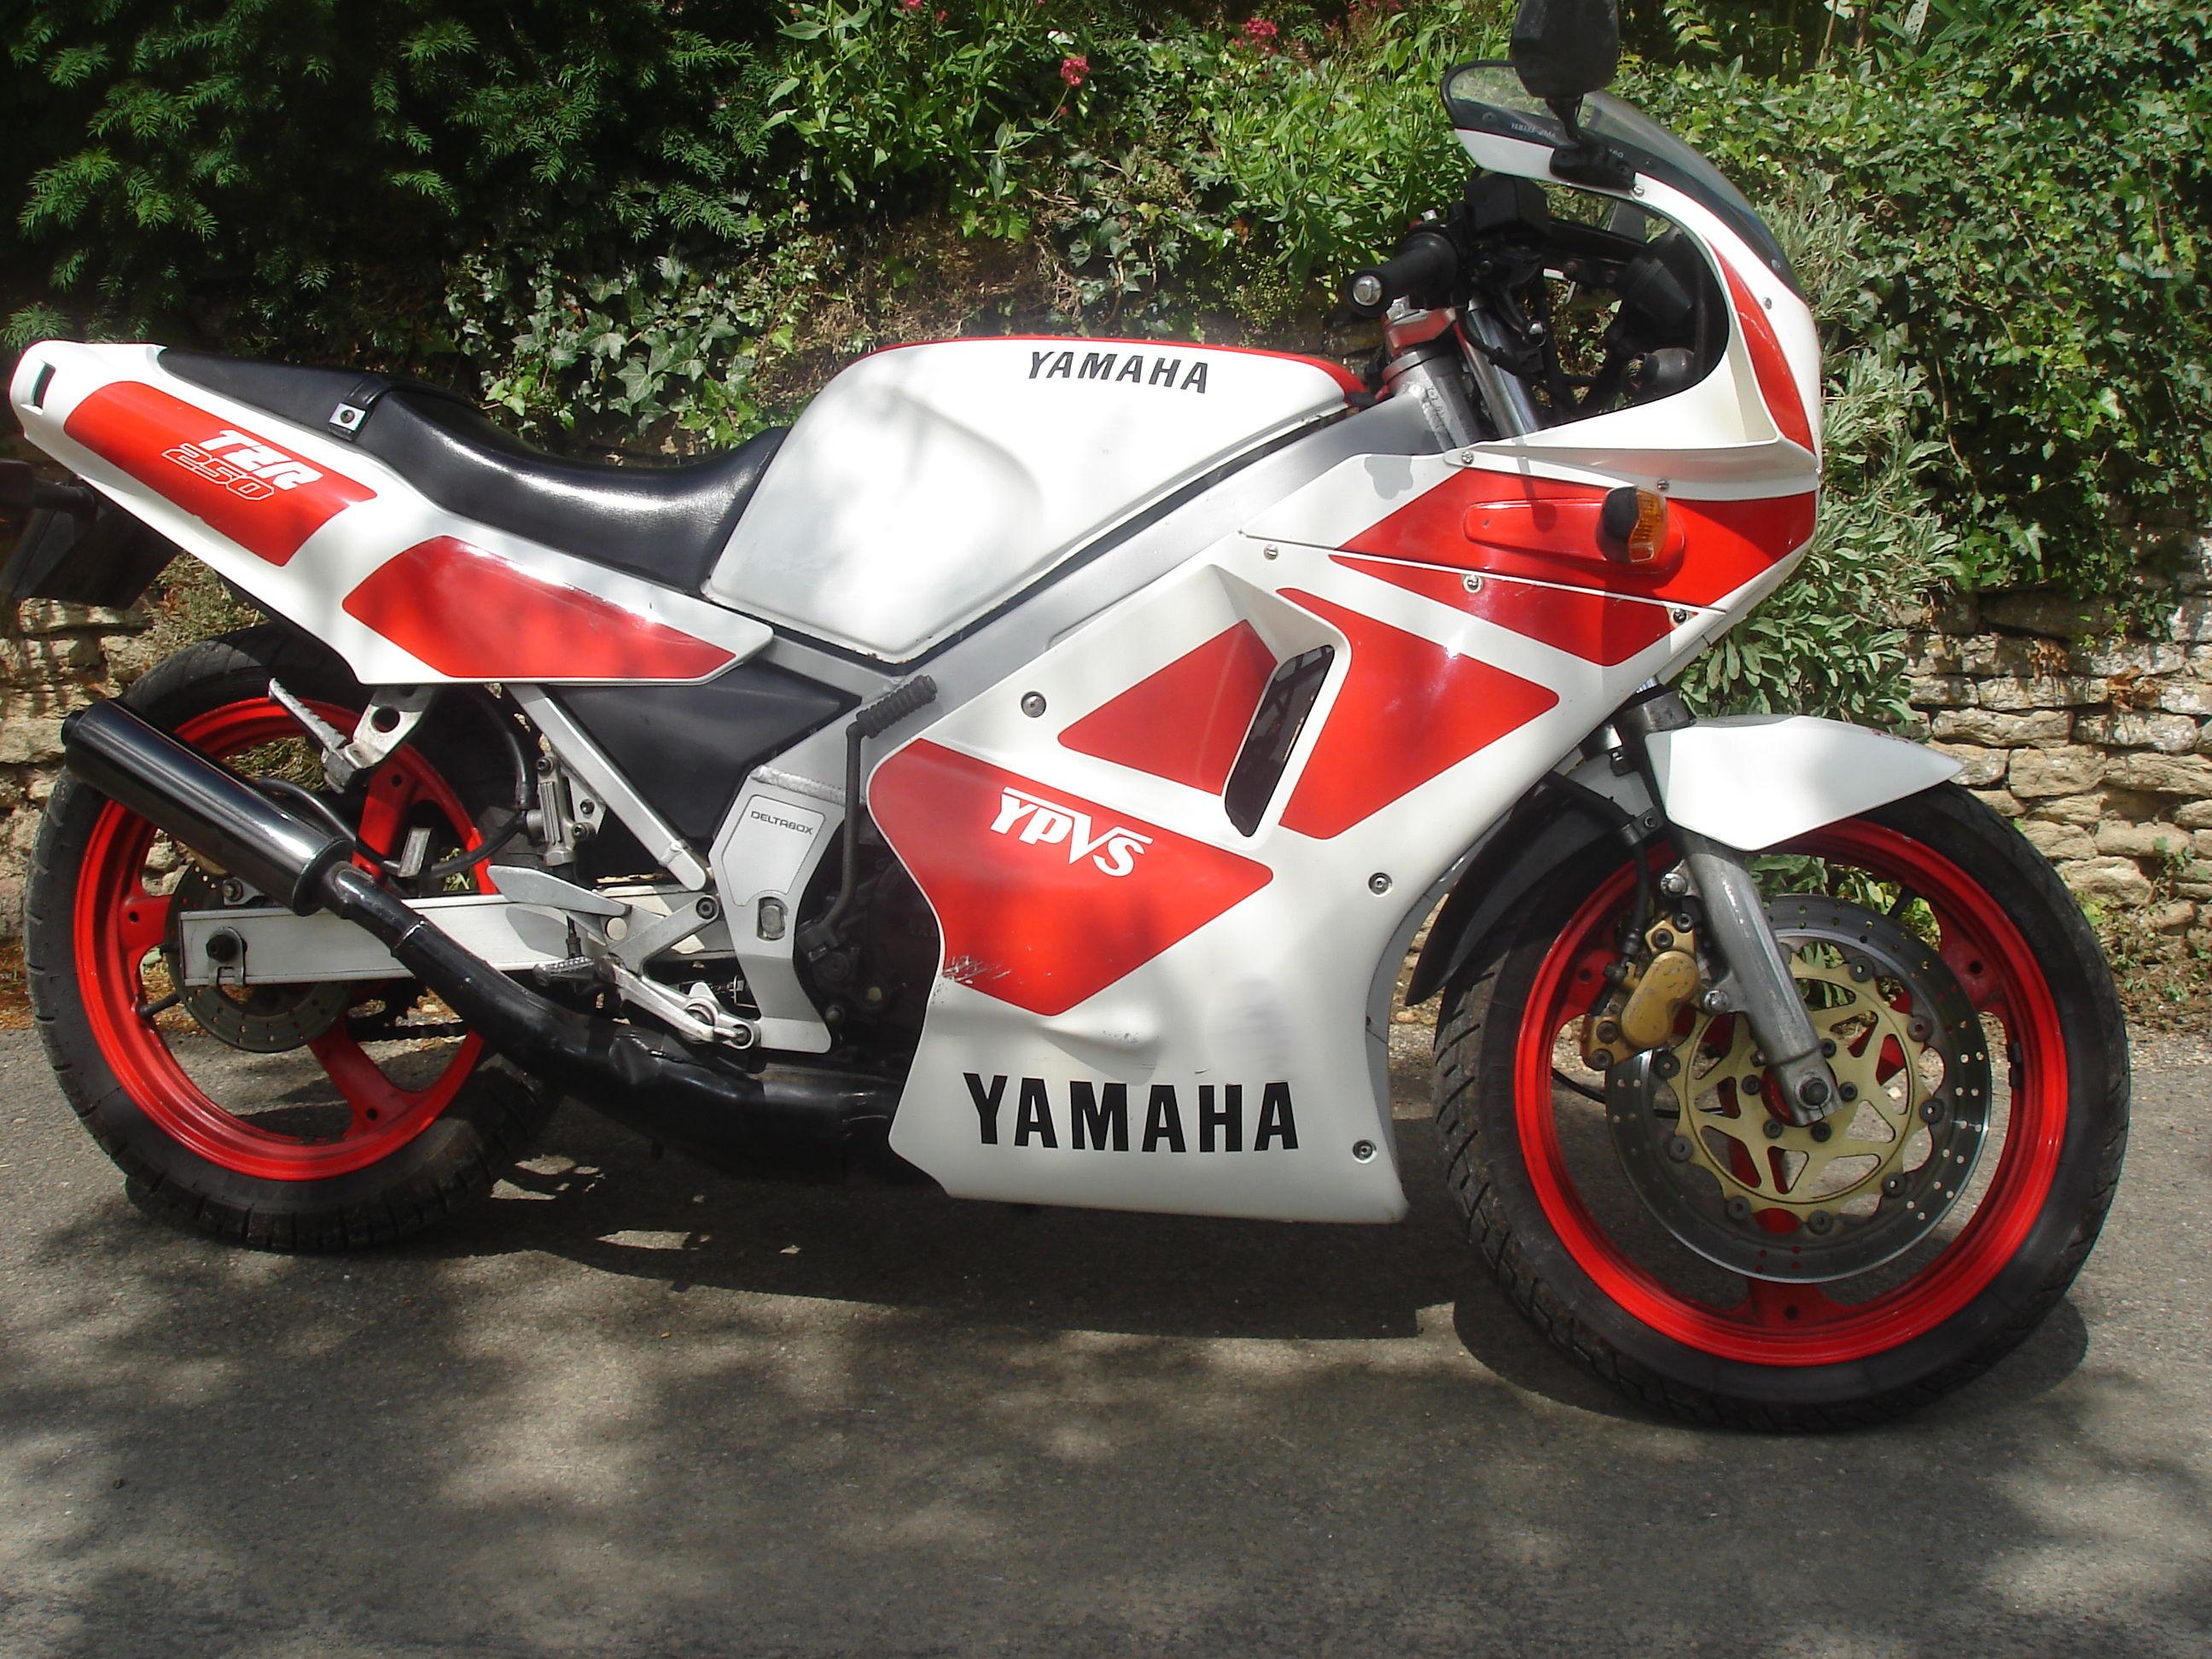 YAMAHA TZR 250 white